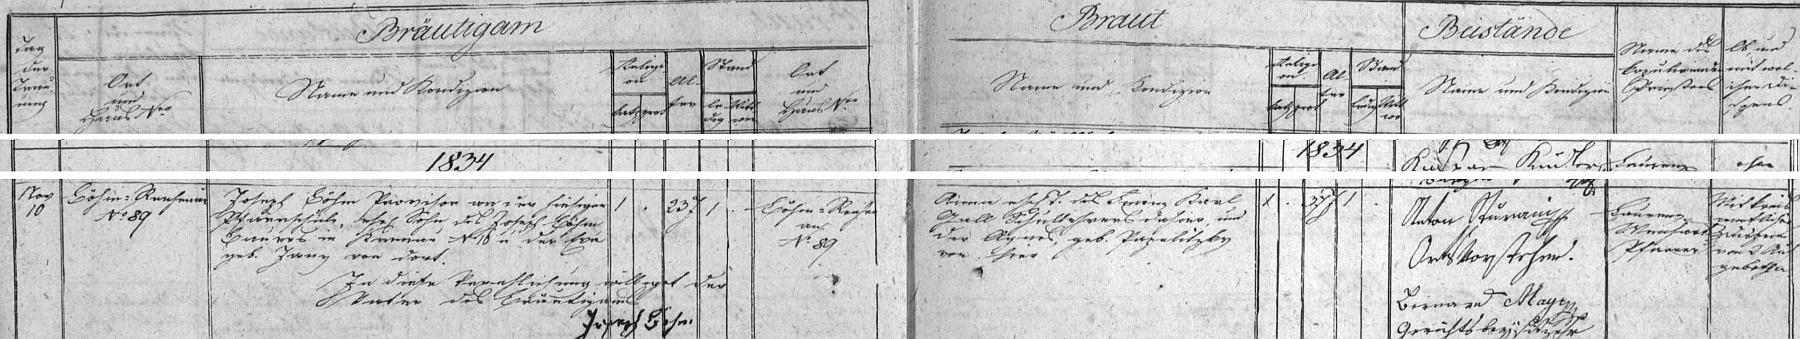 V roce 1834 si jeho dcera Anna bere podle tohoto matričního záznamu provizora farní školy v Rychnově nad Malší Josepha Böhma, syna sedláka z Českého Krumlova čp. 16 Josepha Böhma a jeho ženy Ewy, roz. Janyové